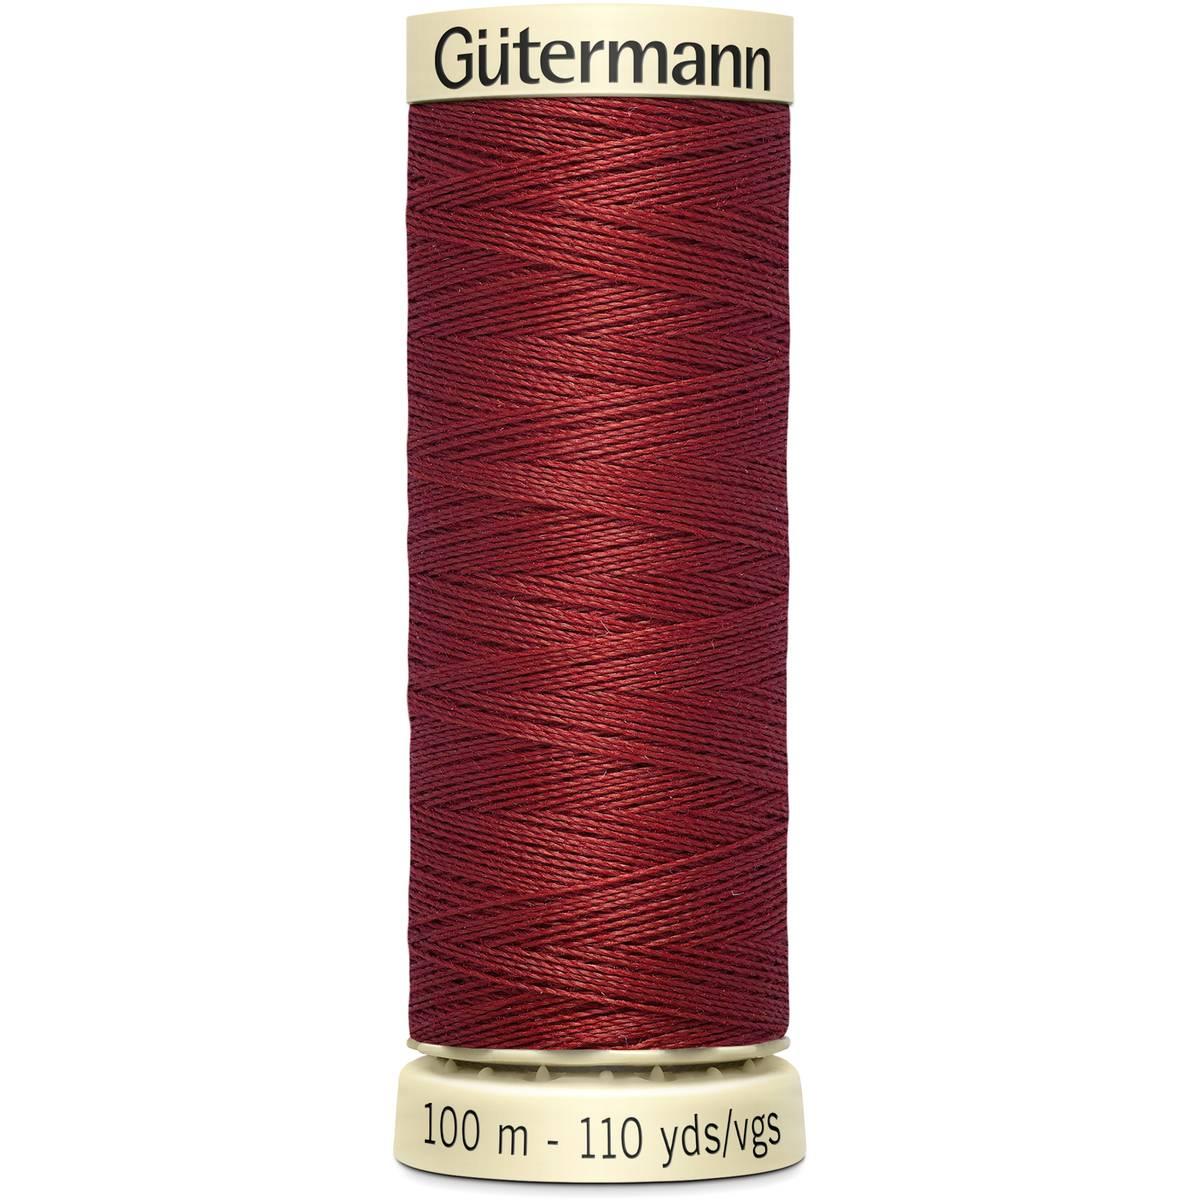 חוט תפירה גוטרמן - Red 221